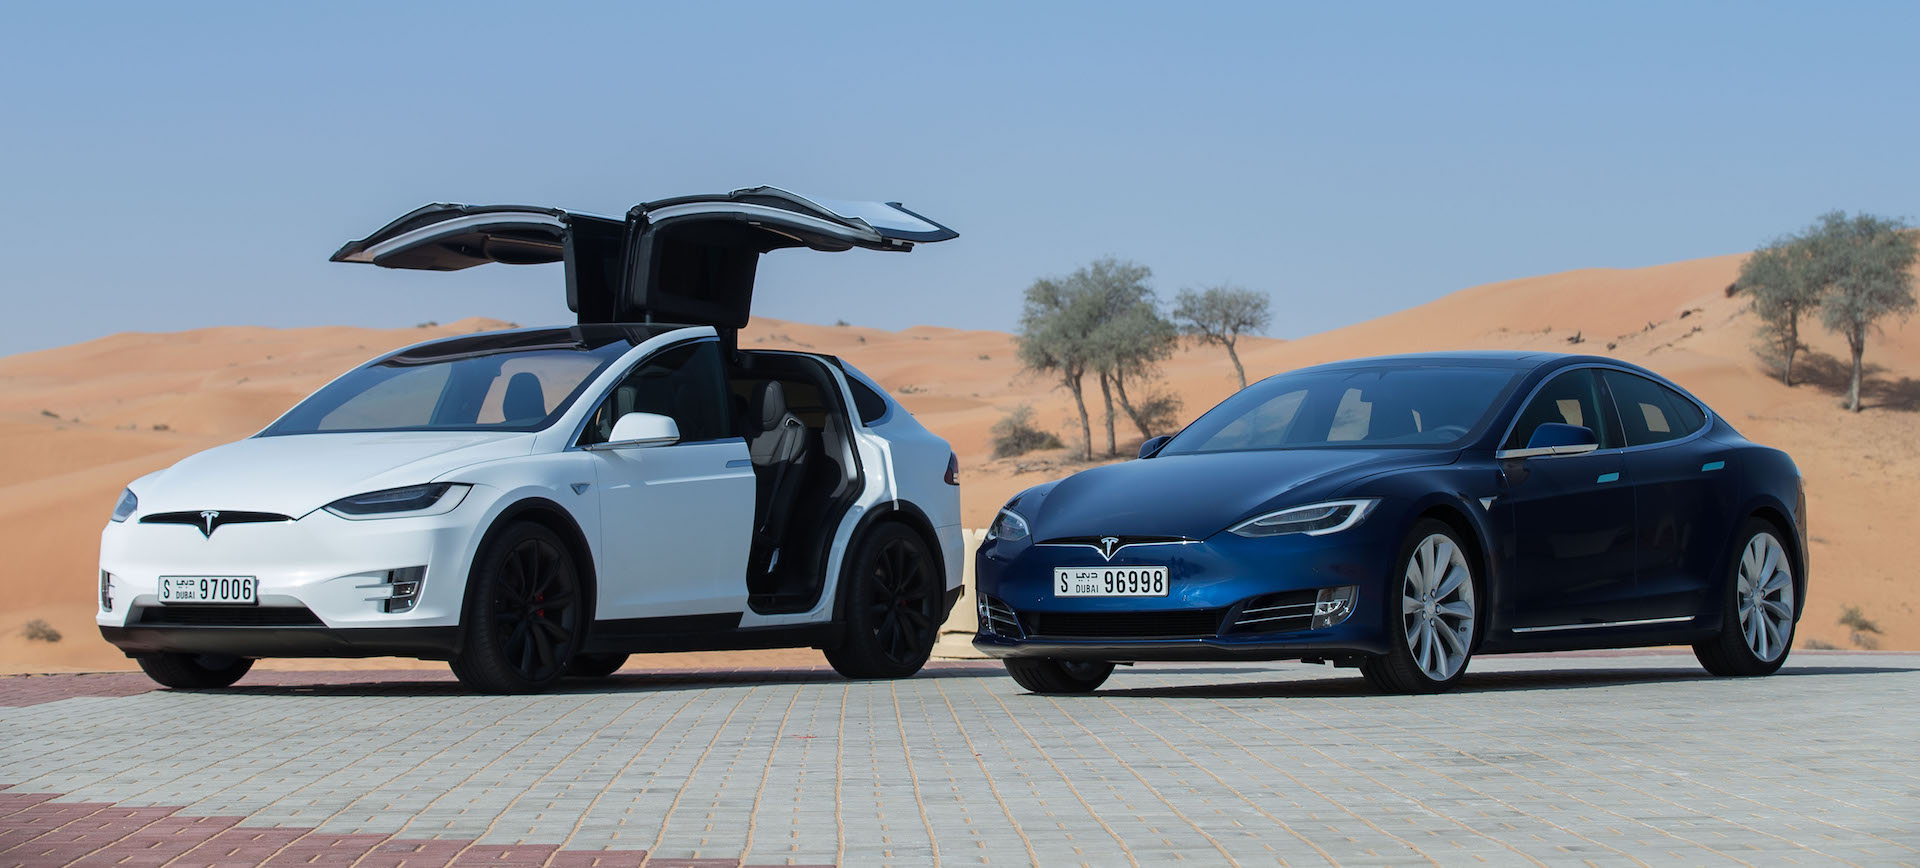 Tesla-Dubai-limousine-tax-service